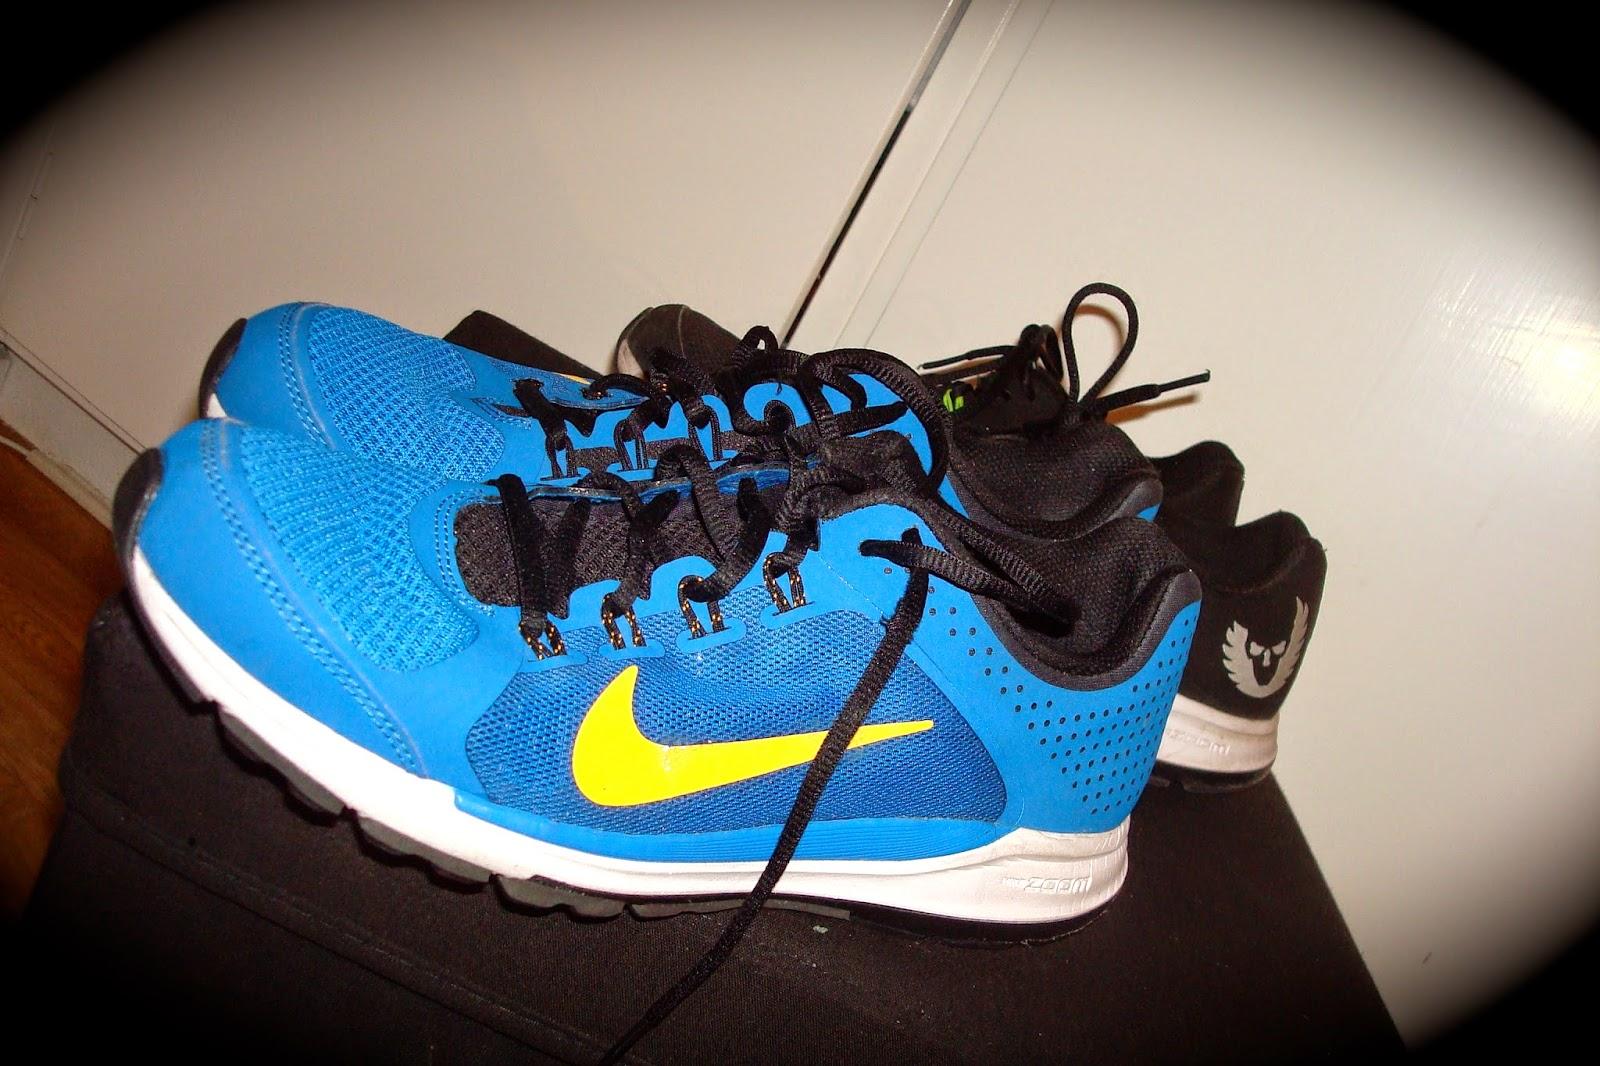 99c3c36d247 Som ni kan se på bilden är även detta en sko som jag valt att satsa på – då  menar jag i dubbelhet då jag slagit till på ...